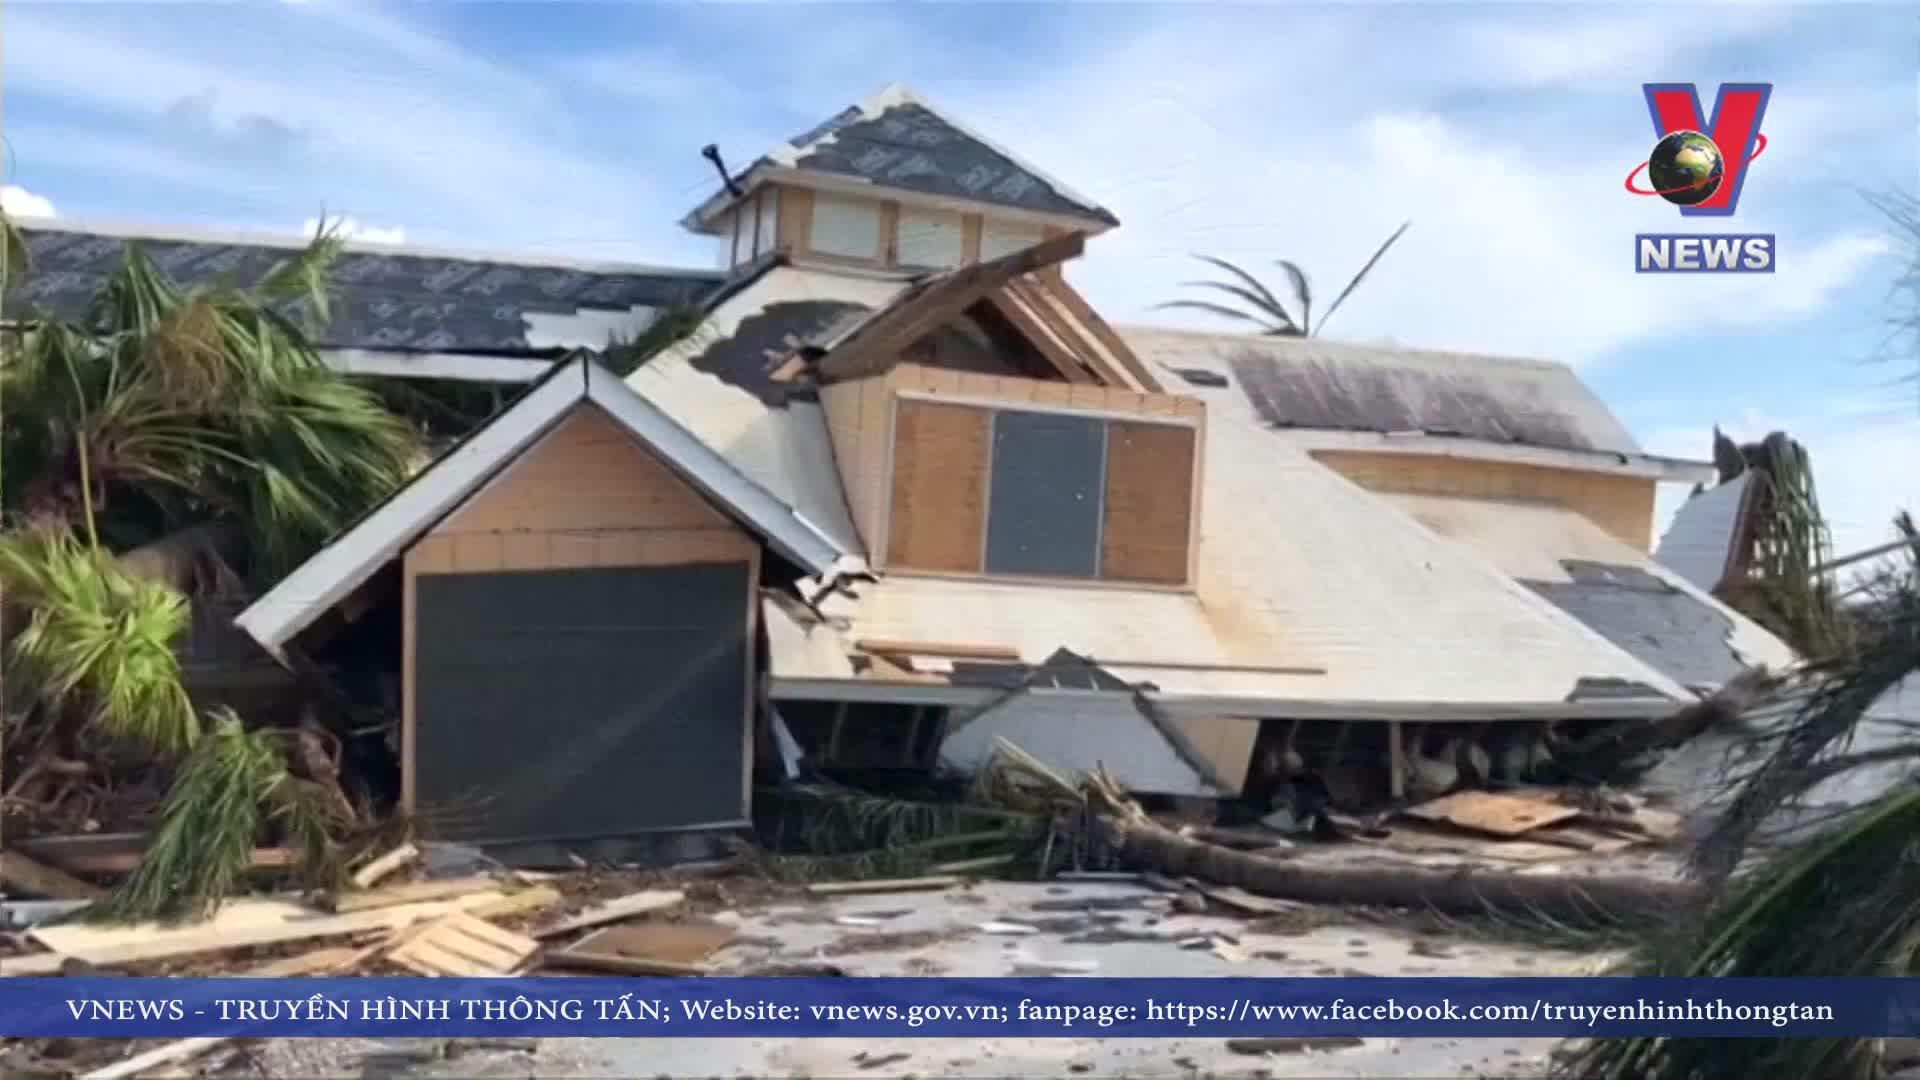 Vẫn còn 1.300 mất tích sau bão Dorian tại Bahamas